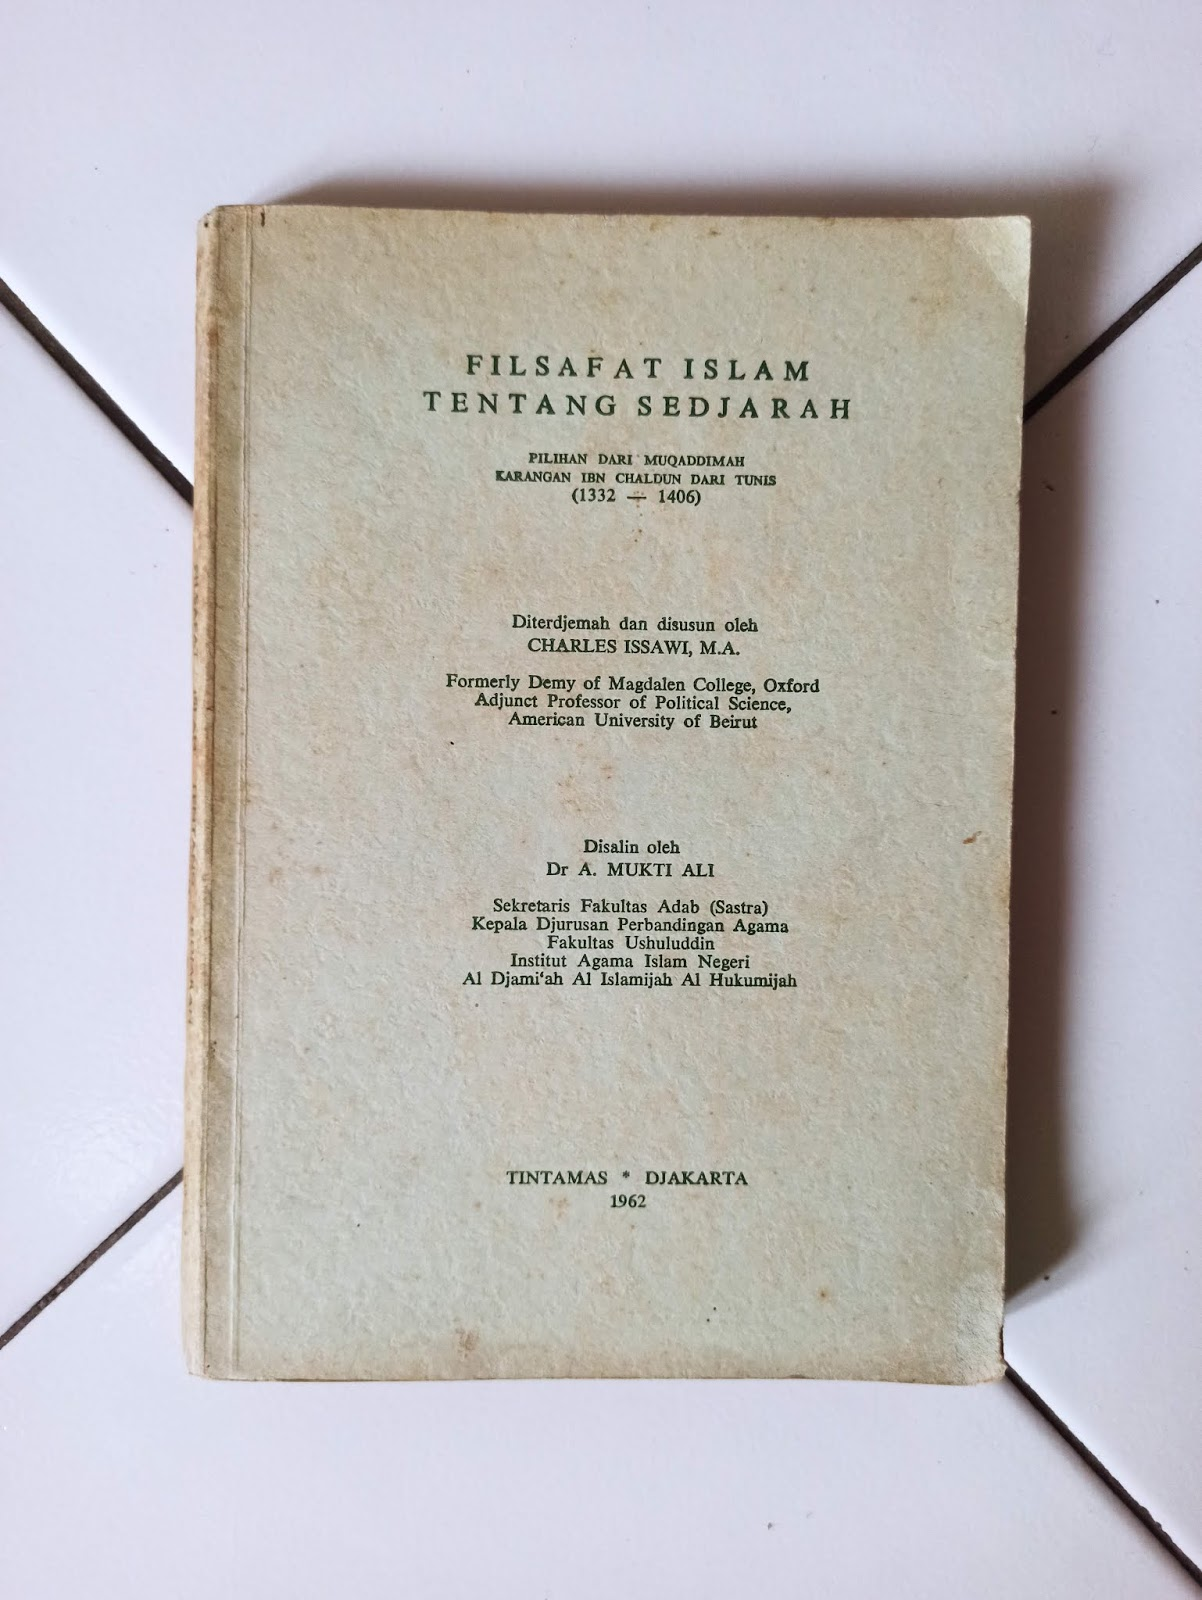 Buku langka Filsafat Islam Tentang Sedjarah